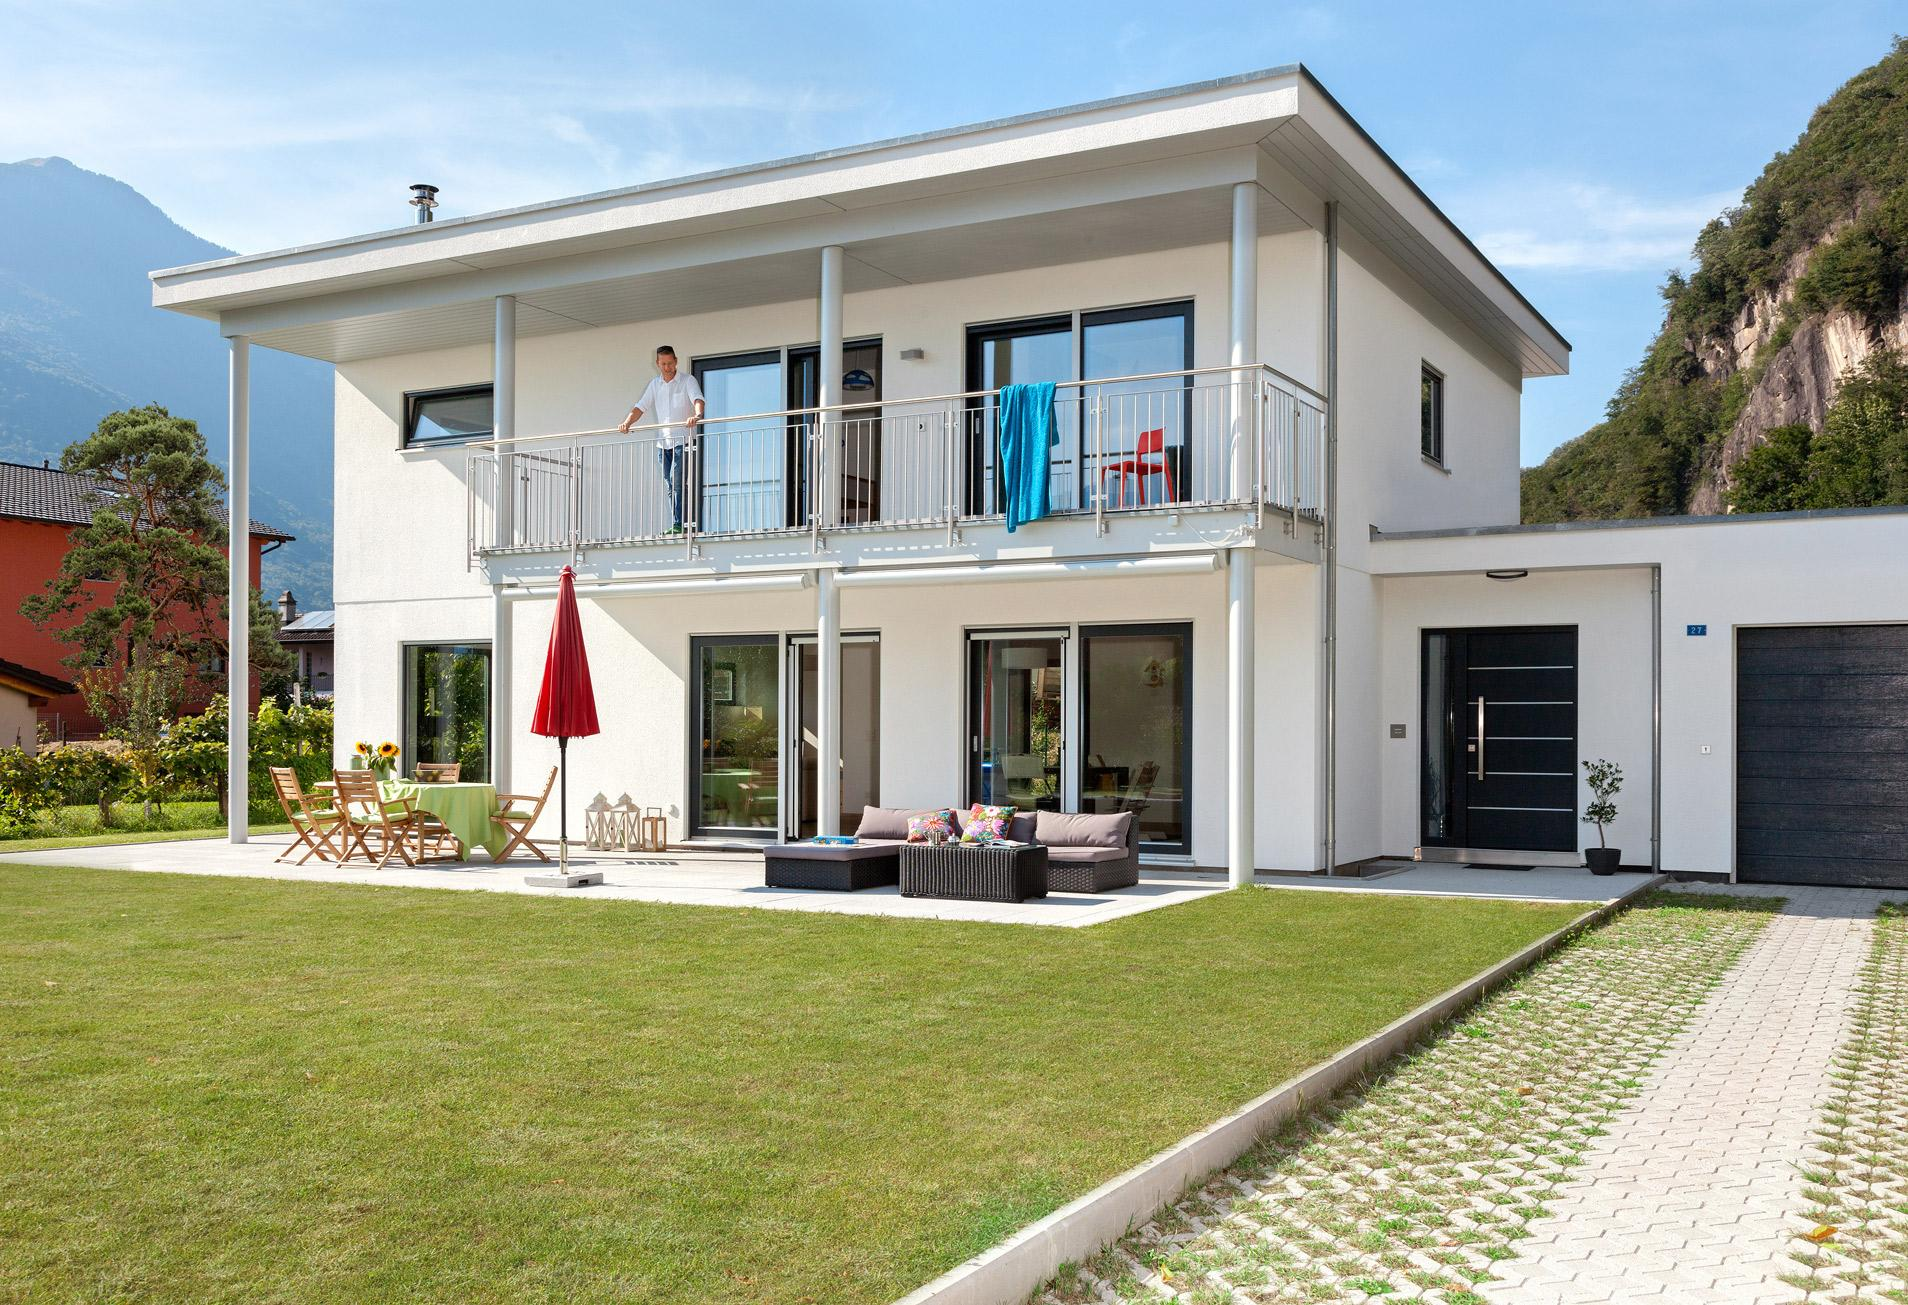 Best archi maison moderne images design trends 2017 for Modernes haus